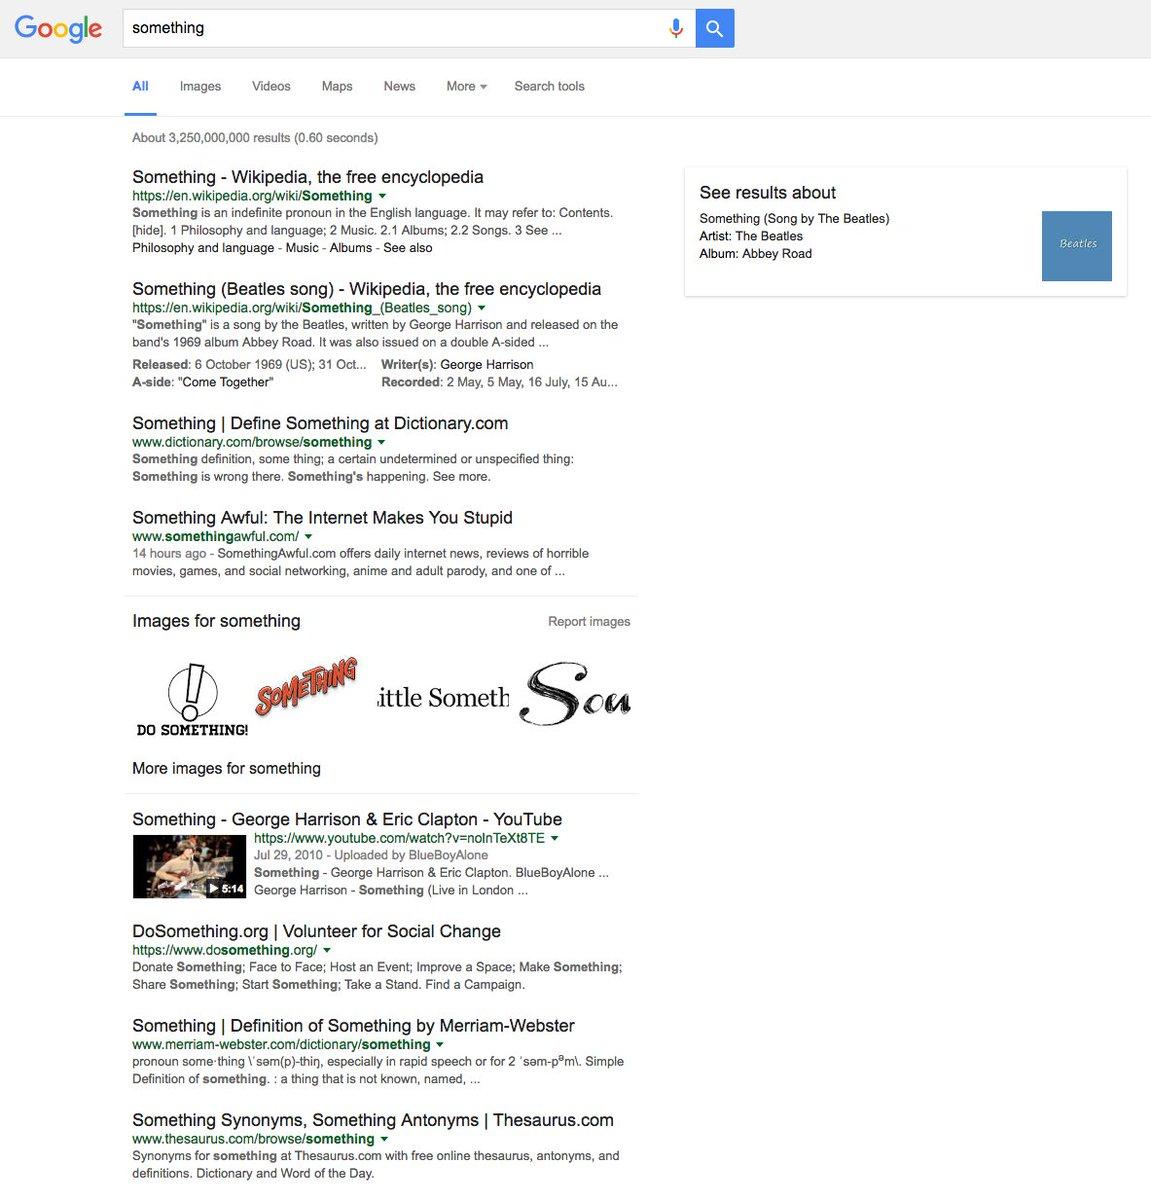 seznamky s obrázky google map důvěry online datování ruiny